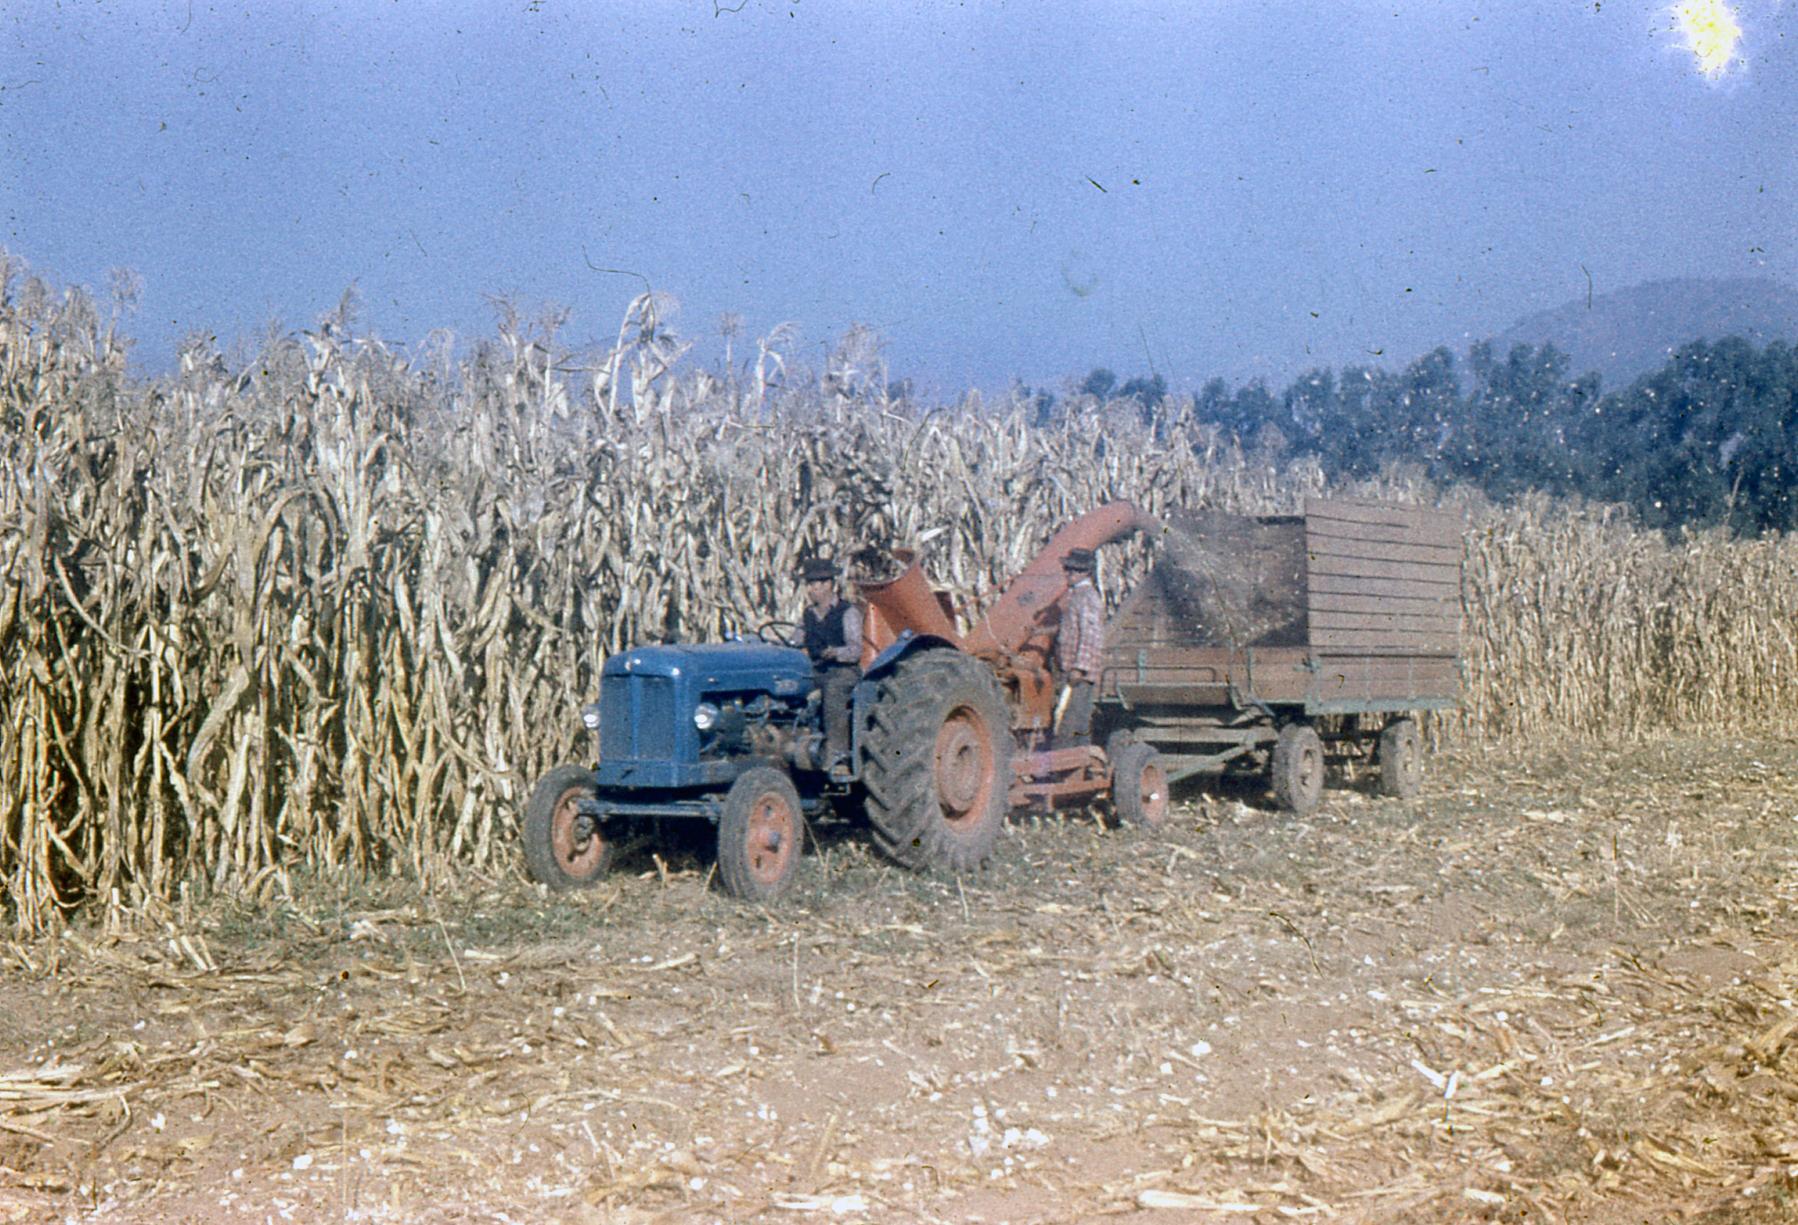 Enterreno - Fotos históricas de chile - fotos antiguas de Chile - Cosecha Maiz para silo en 1955